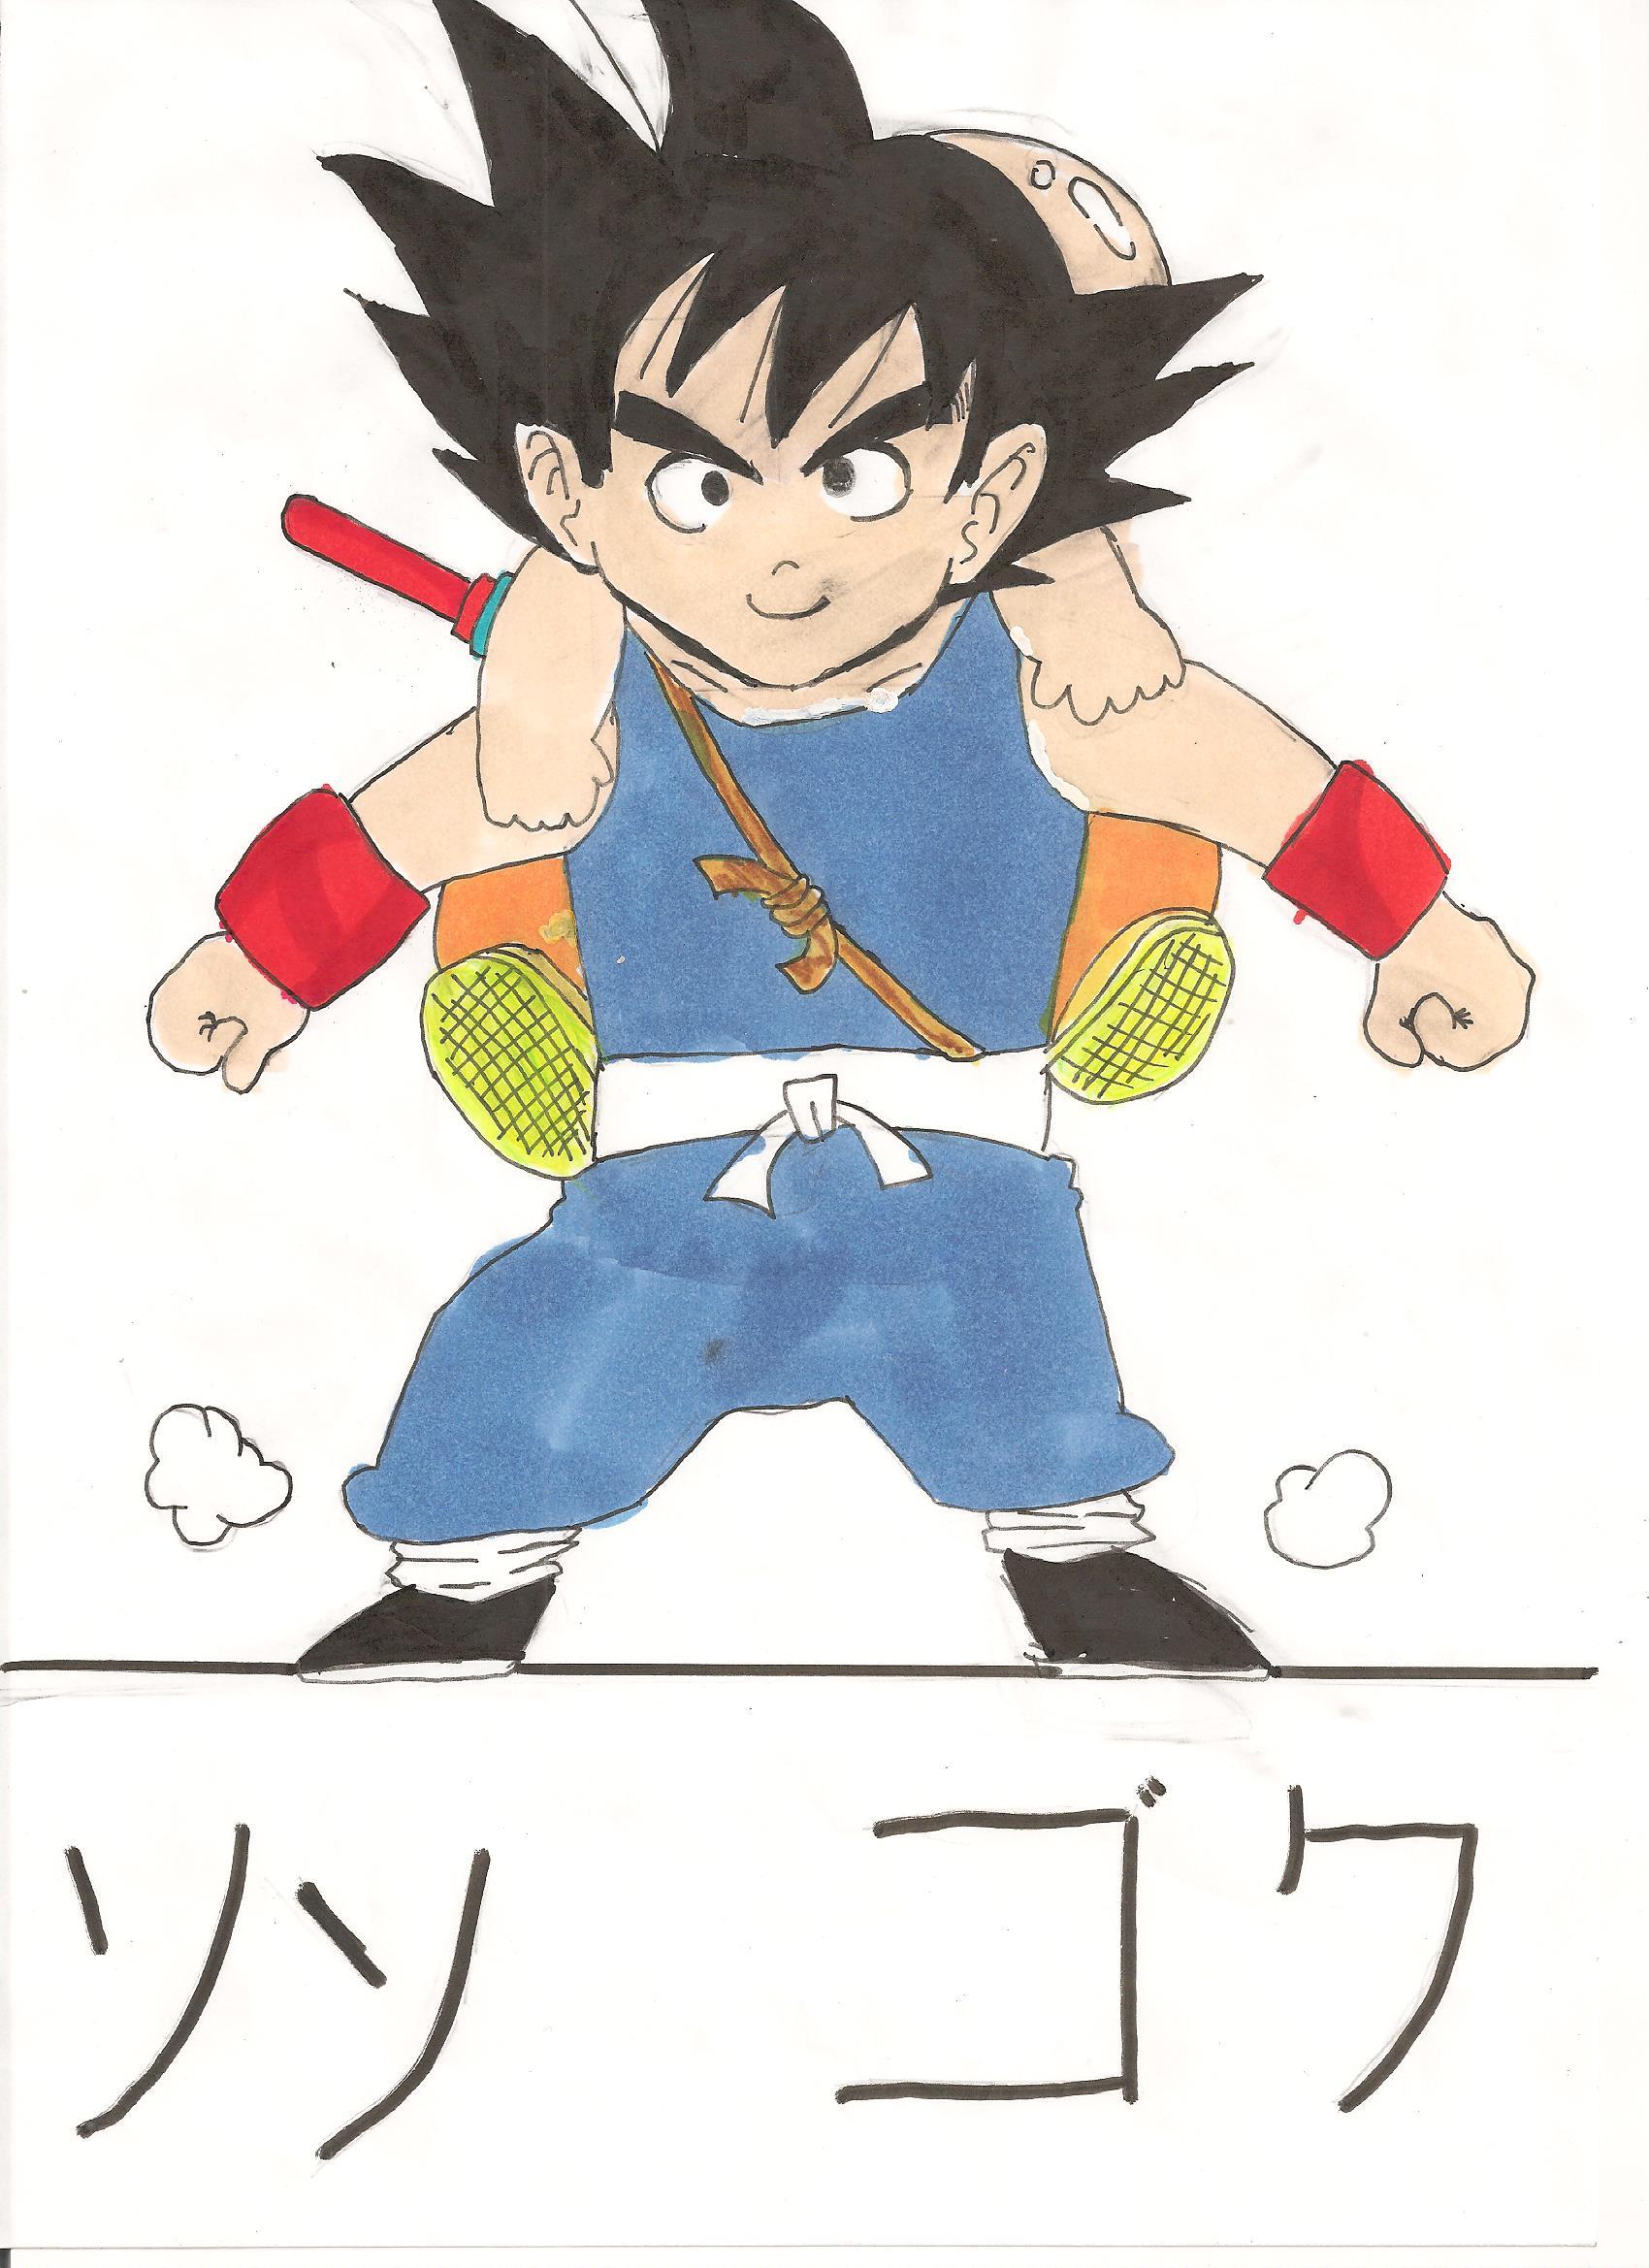 Dessin Son Goku de Kizla